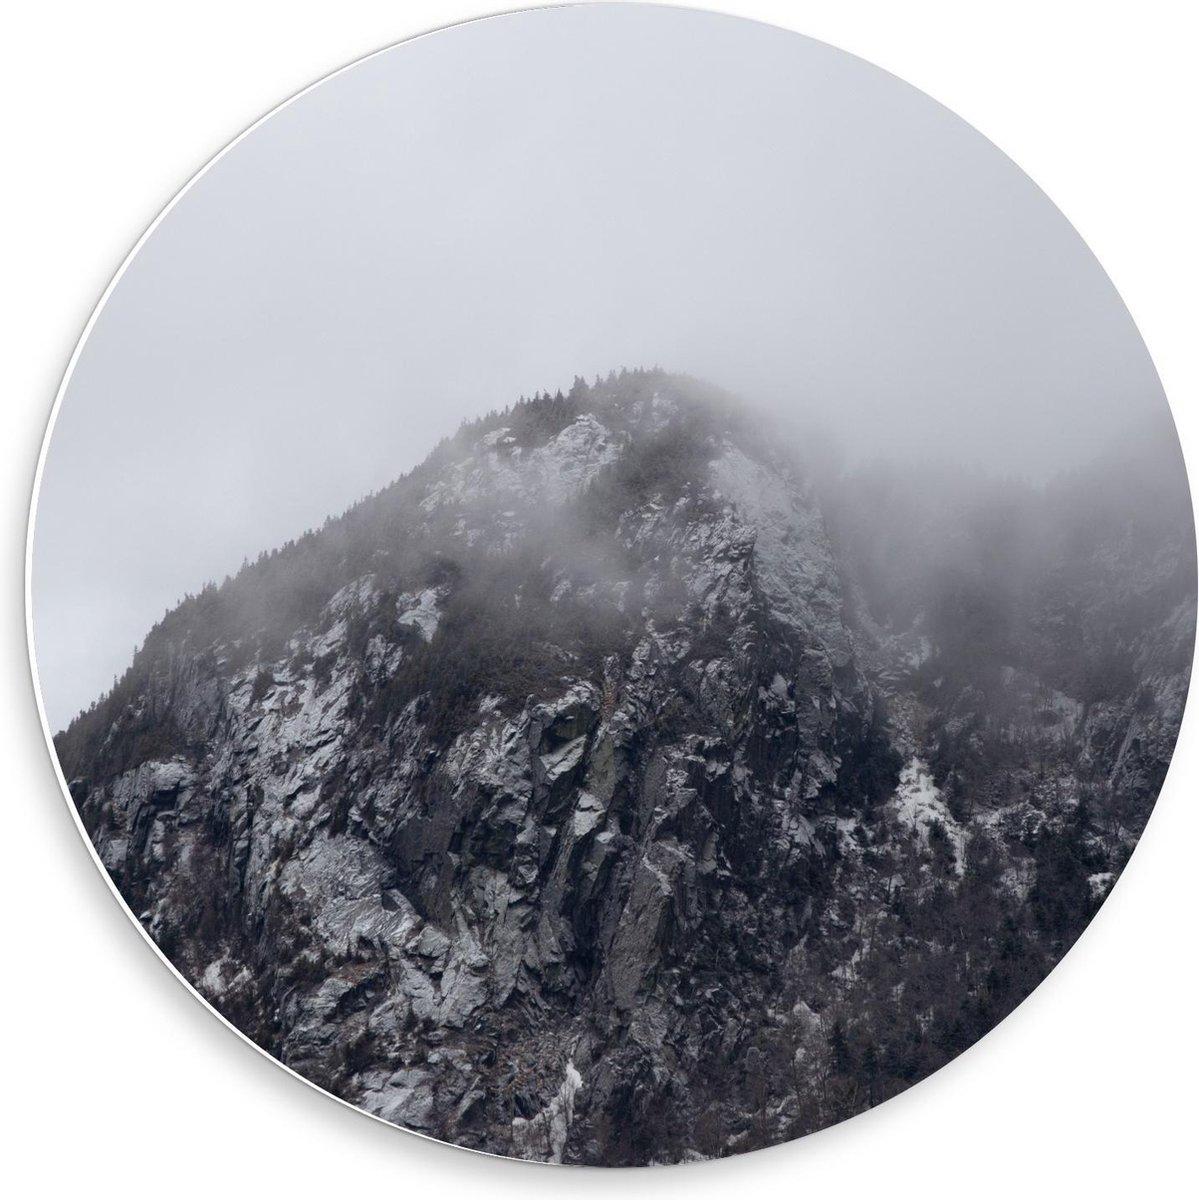 Forex Wandcirkel - Berg met Mist (zwart/wit) - 50x50cm Foto op Wandcirkel (met ophangsysteem)